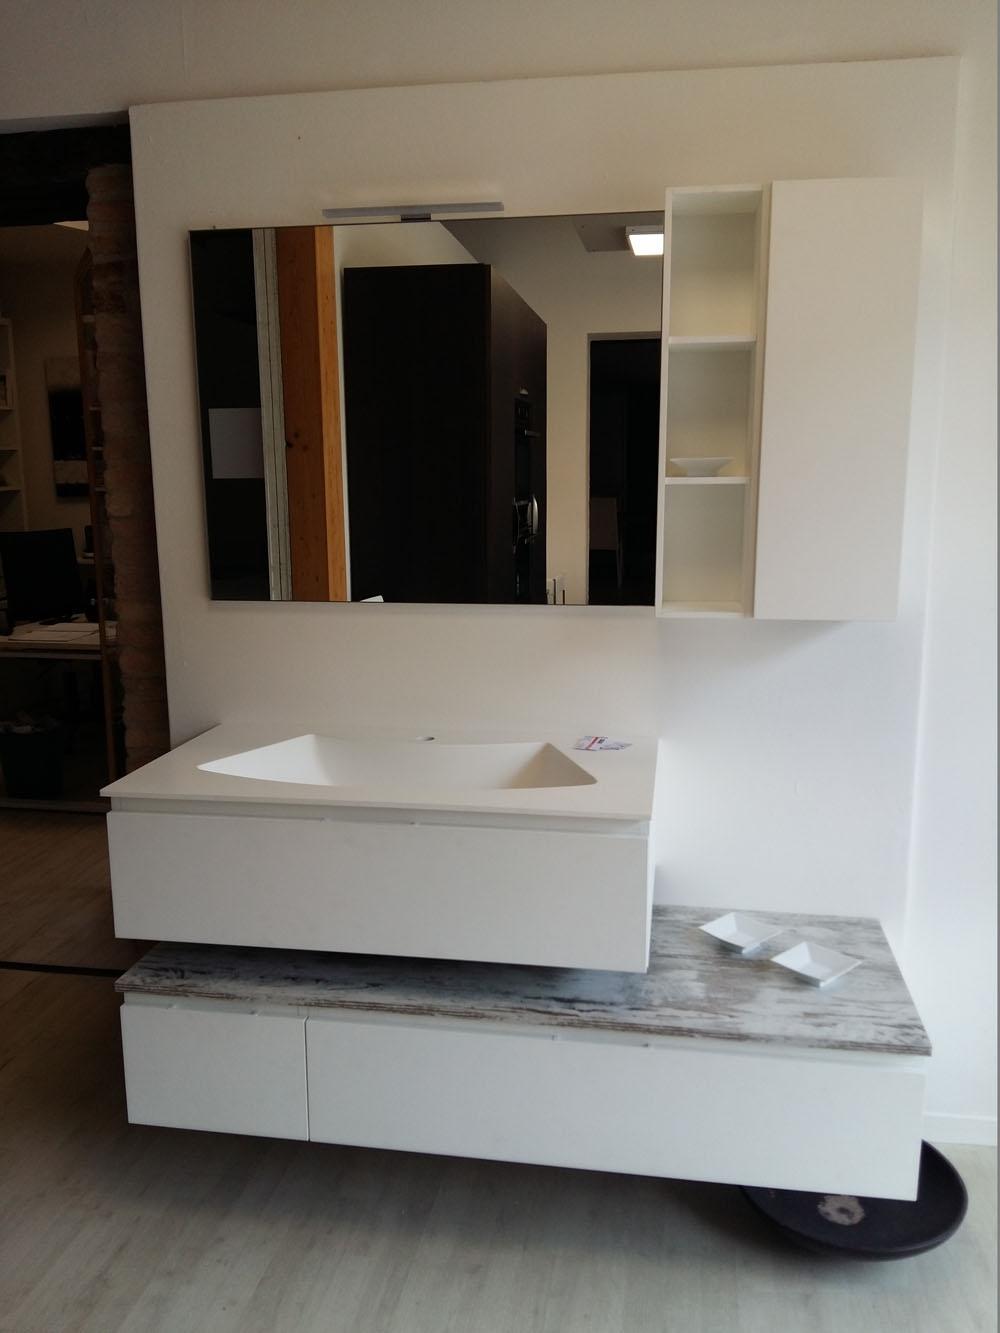 Mobile bagno bianco arteba scontato del 52 arredo bagno for Mobile bagno moderno bianco